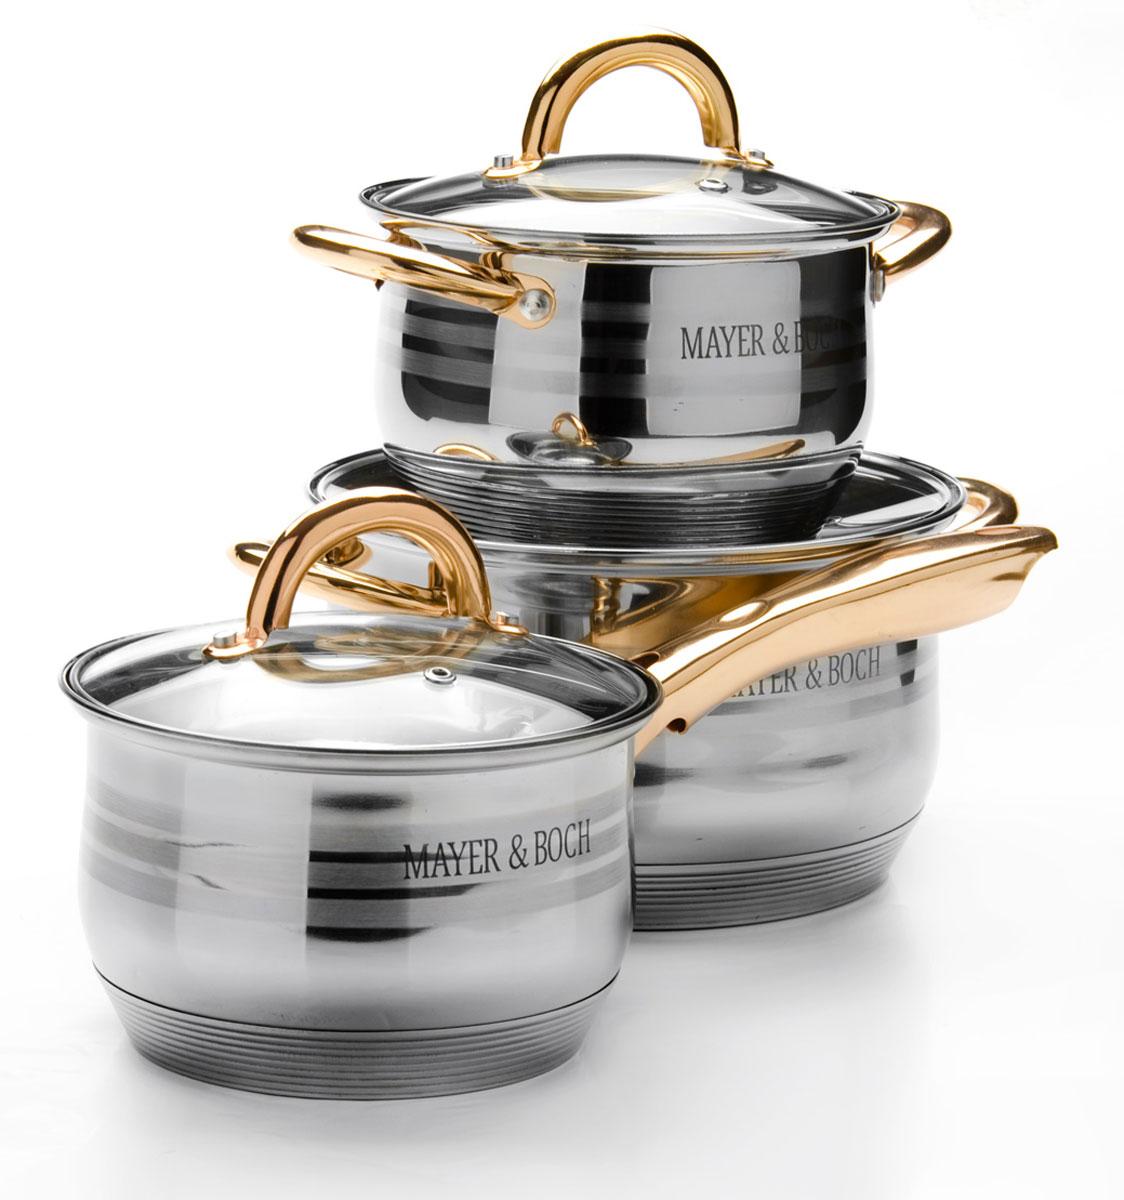 Набор посуды Mayer & Boch, 6 предметов. 2567225672Набор посуды Mayer & Boch состоит из трех кастрюль с крышками. Изделия выполнены из высококачественной многослойной нержавеющей стали 18/10 с зеркальной и матовой полировкой. Этот набор посуды предназначен для здорового и экологичного приготовления пищи. Кастрюли имеют многослойное капсульное дно с алюминиевым основанием, которое быстро и равномерно накапливает тепло и также равномерно передает его пище. Внутренняя поверхность идеально ровная, что значительно облегчает мытье. Крышки, выполненные из термостойкого стекла, имеют отверстие для пара и металлический обод. Крышки плотно прилегают к краям посуды, предотвращая проливание жидкости и сохраняя аромат блюд. Также изделия снабжены эргономичными ручками из стали. Можно использовать на всех типах плит, включая индукционные. Можно мыть в посудомоечной машине. Объем кастрюль: 2,1 л, 2,1 л, 3,9 л.Диаметр кастрюль: 16 см, 16 см, 20 см.Высота стенок кастрюль: 10,5 см, 12,5 см, 12,5 см. Ширина кастрюль с учетом ручек: 25 см, 28 см.